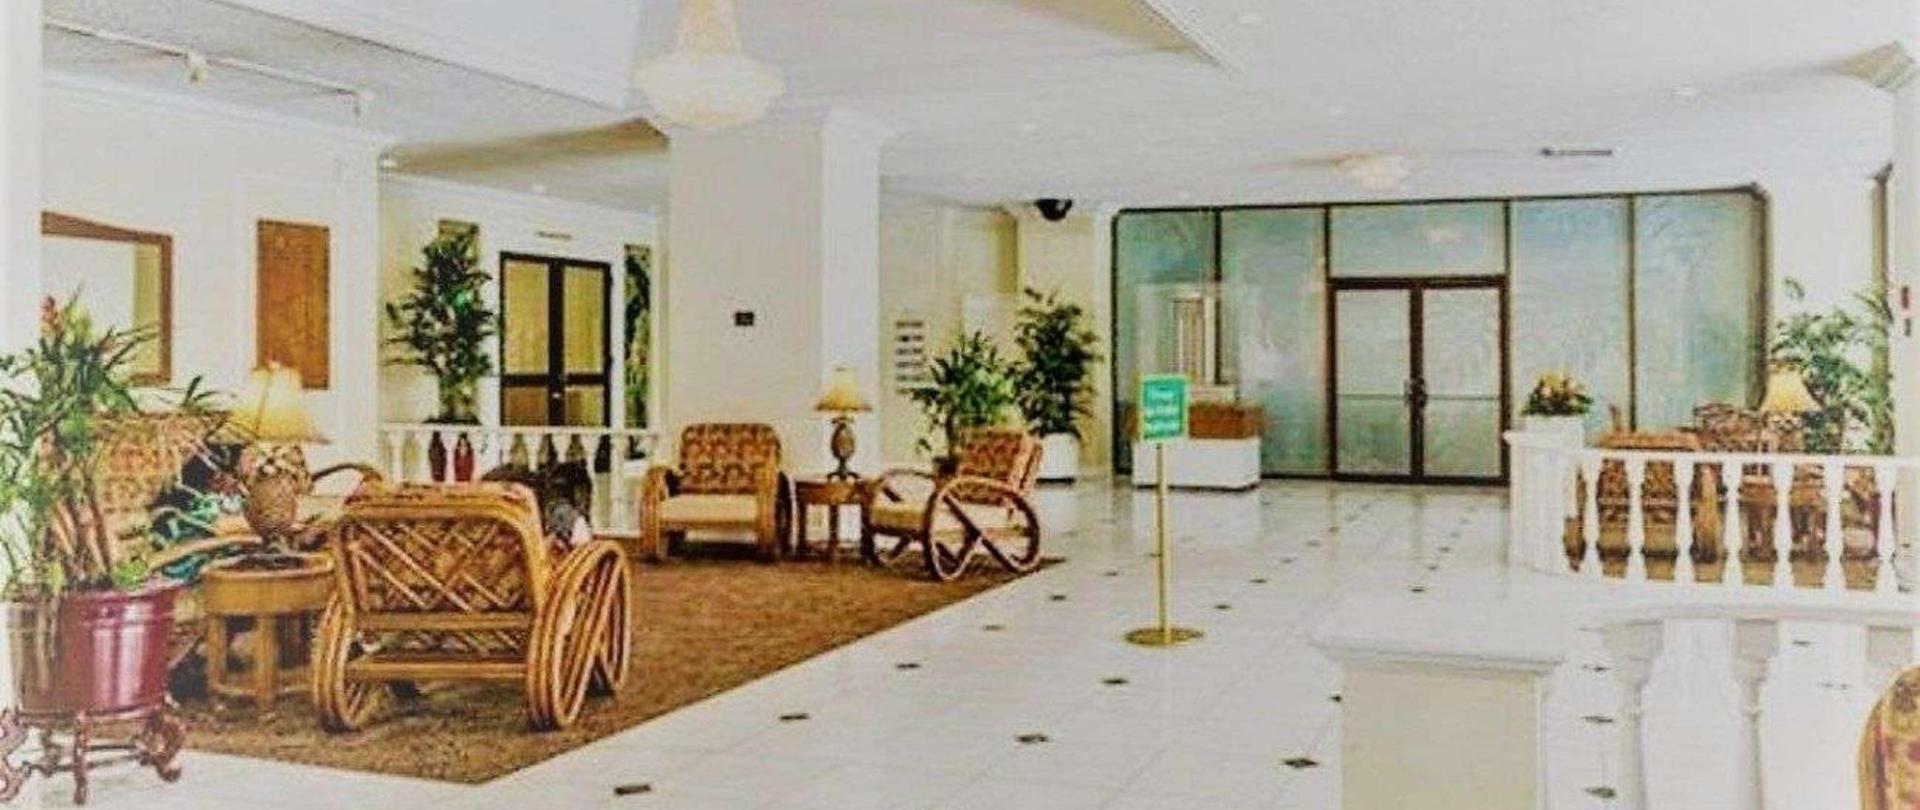 lobby-1-1.jpg